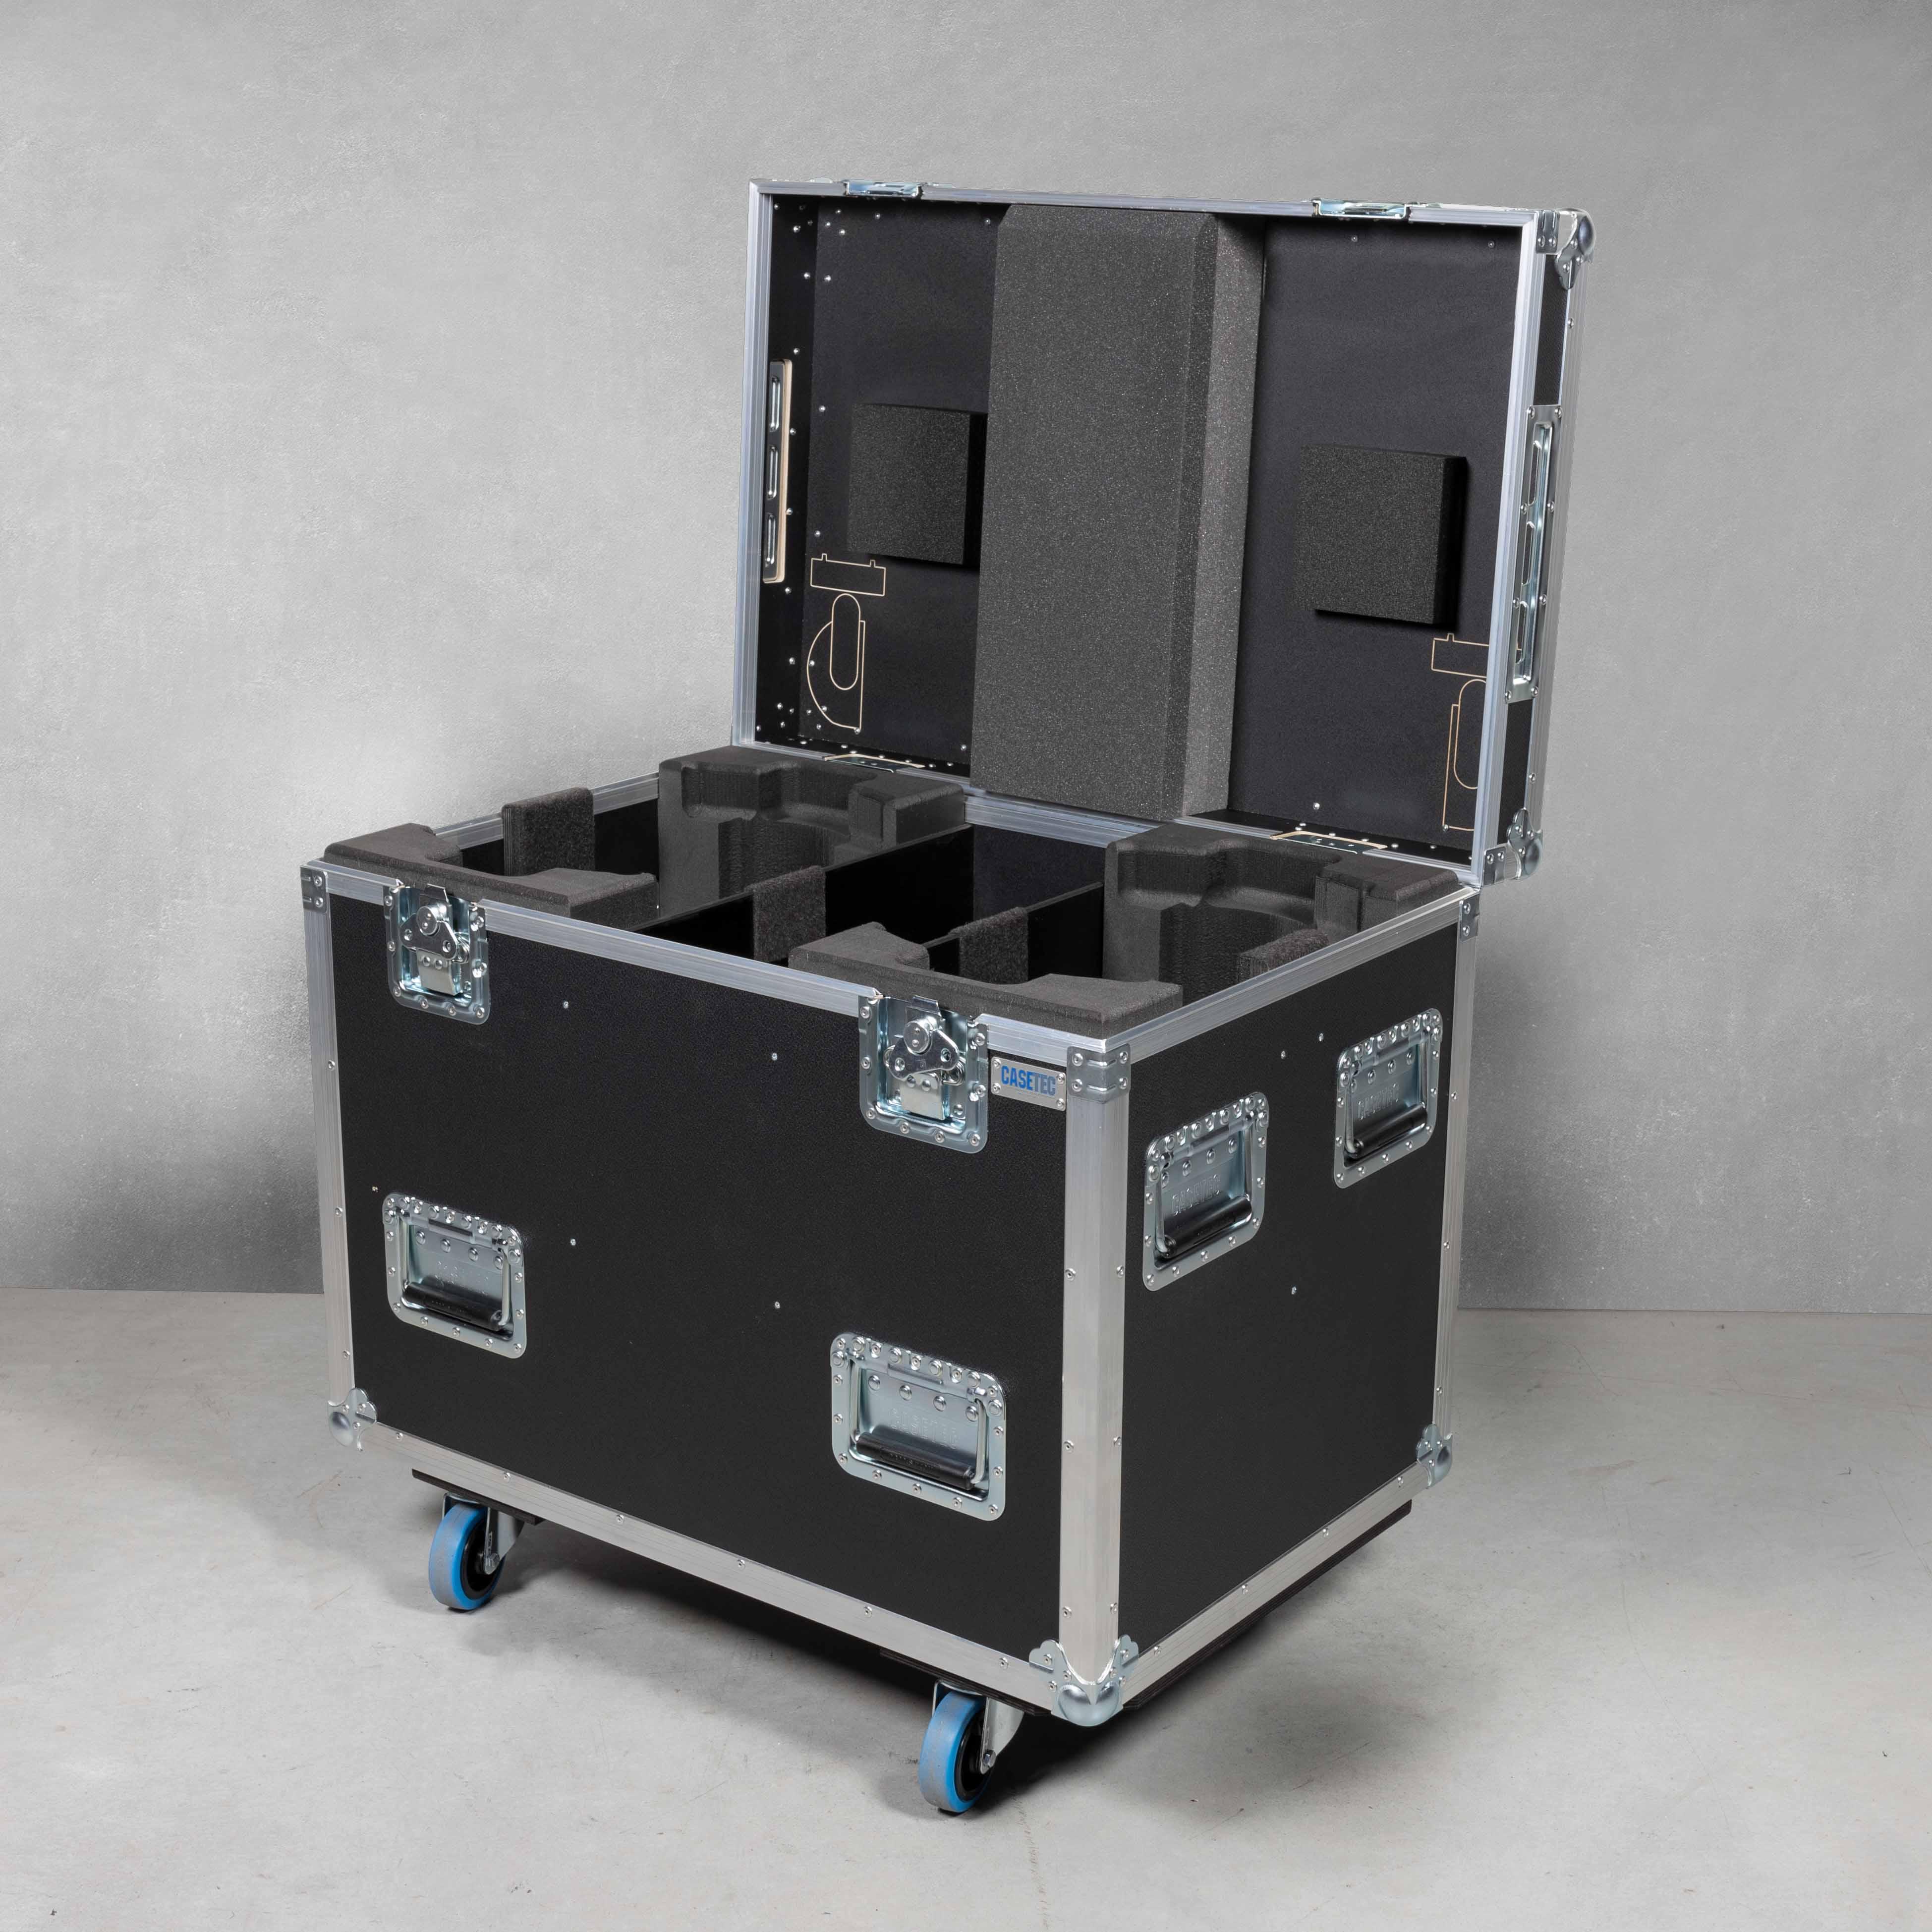 Flightcase für 2 Stück ROBE iSpiider